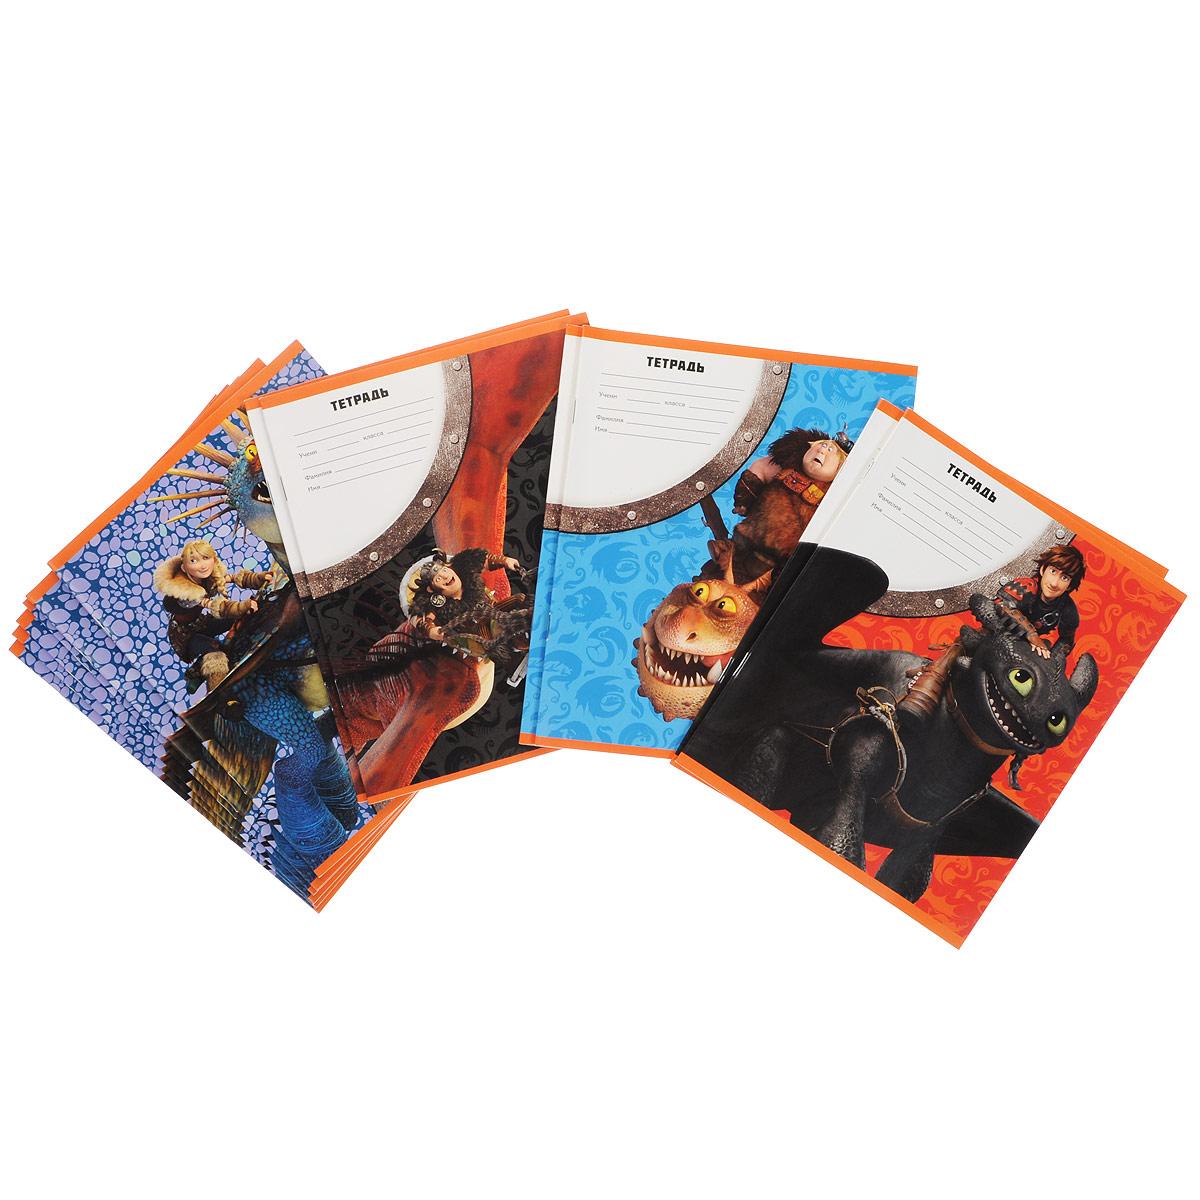 Набор тетрадей ACTION!DRAGONS, мелованный картон, линейка, ф. А5, 12 л., 4 дизайна, 12 шт в упаковке, (ACTION!)72523WDНабор тетрадей ACTION!DRAGONS, мелованный картон, линейка, ф. А5, 12 л., 4 дизайна, 12 шт в упаковке. * Обложка - высококачественный целлюлозный мелованный картон плотностью 200г/м2, ВД-лак. УВАЖАЕМЫЕ КЛИЕНТЫ!Обращаем ваше внимание на возможные изменения в дизайне, связанные сассортиментом продукции: дизайн обложки может отличаться от представленного на изображении. Поставка осуществляется в зависимости от наличия на складе. Разметка: линейка. Бумага: матовая. Формат: А5. Обложка: картон, ламинированная, бумага. Пол: унисекс. Возраст: дошкольники младшие классы. Крепление: скрепка. Особенности:обложка- мелованный картон12 шт в упаковке